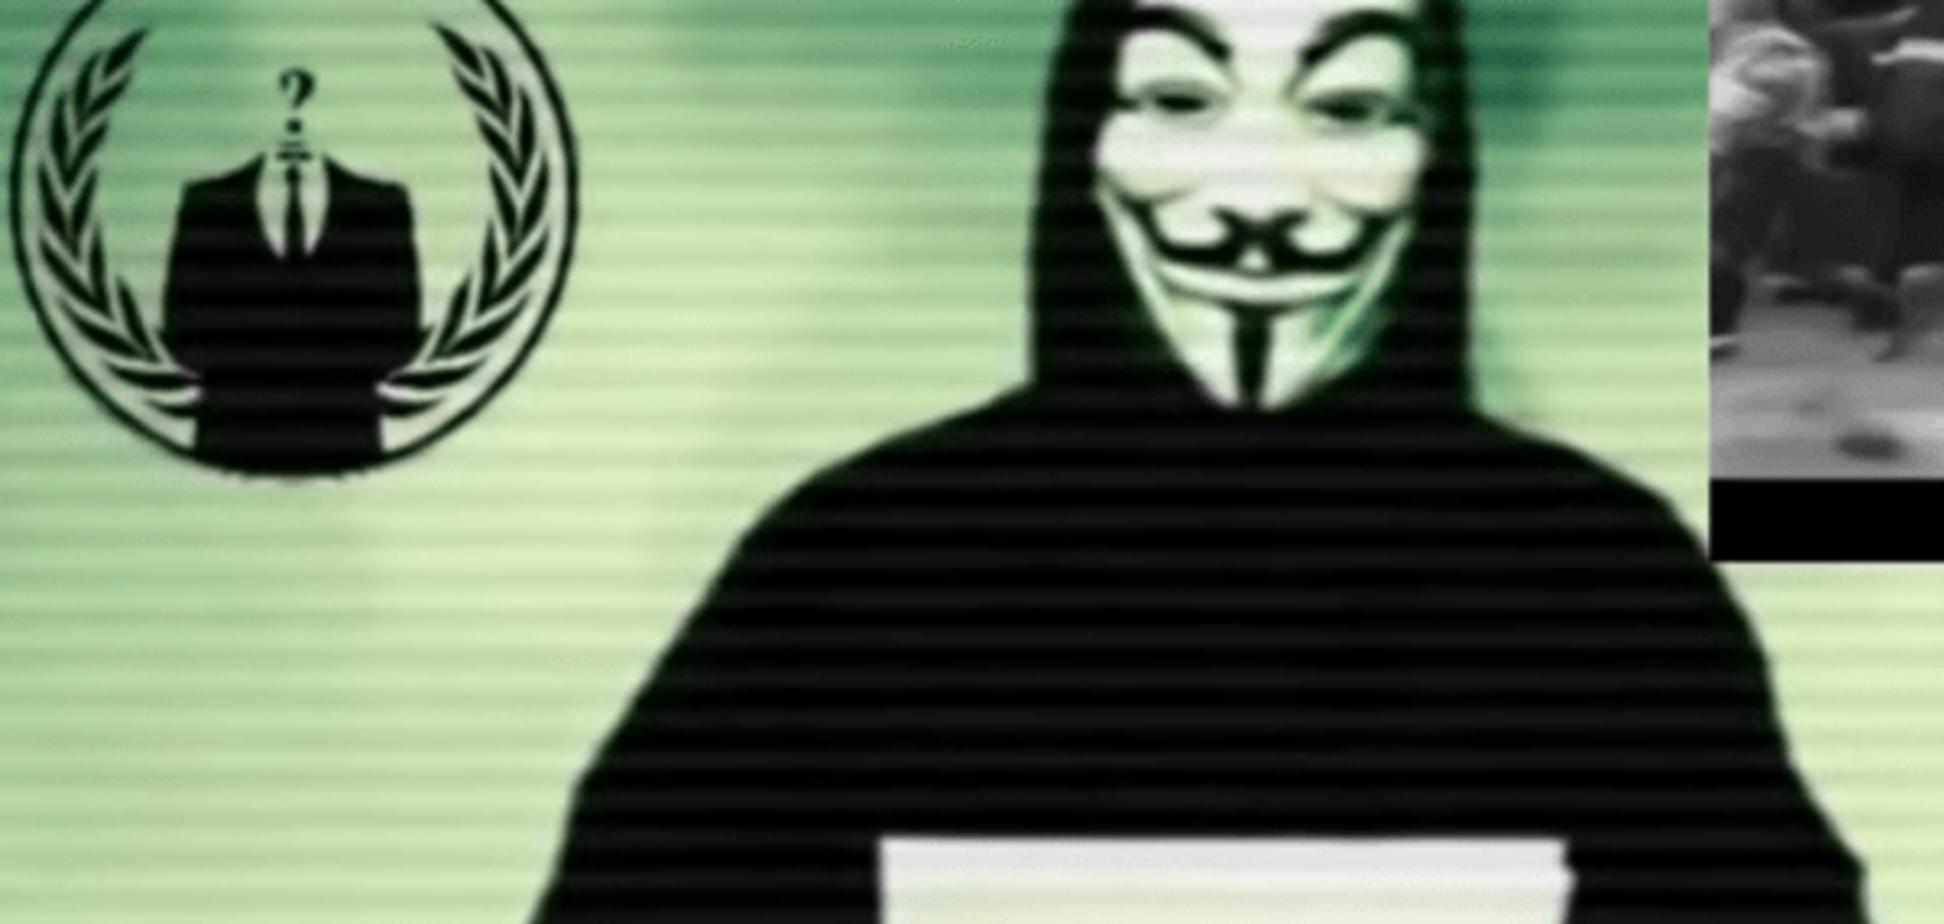 'Готовьтесь': хакеры Anonymous объявили войну ИГИЛ в ответ на теракты в Париже